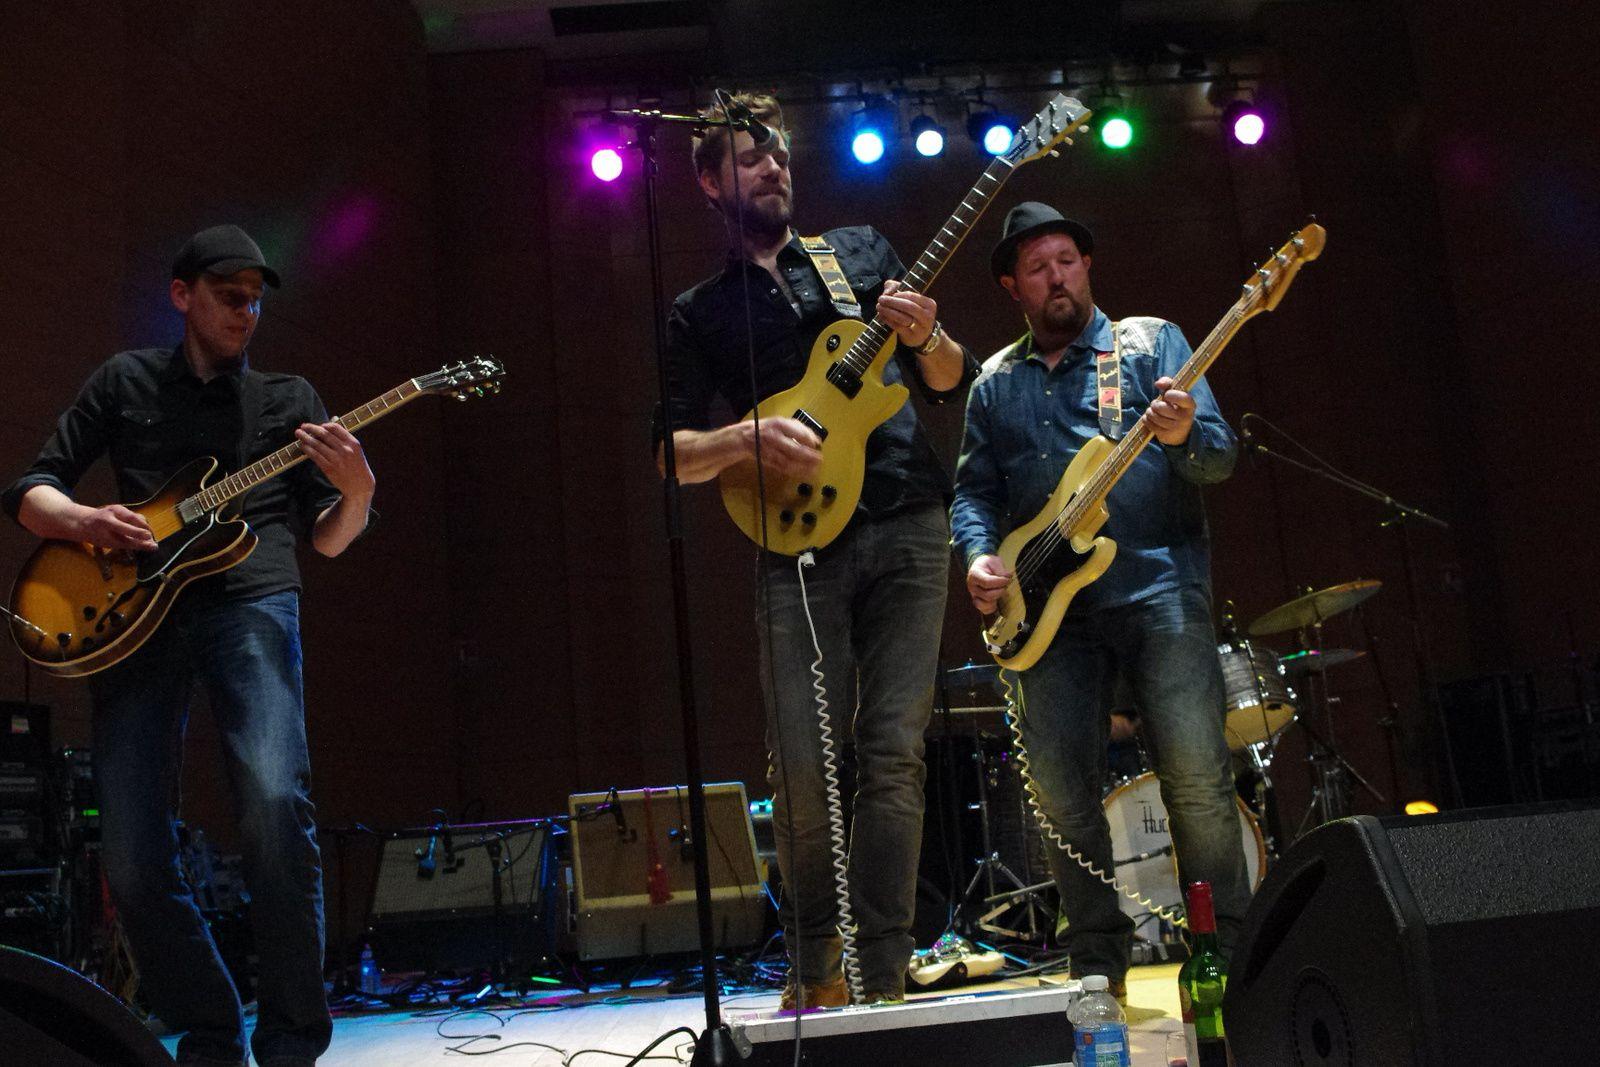 Rusty Roots et les cuivres de la section jazz - 11 avril 2014 - Conservatoire de Tourcoing (59)